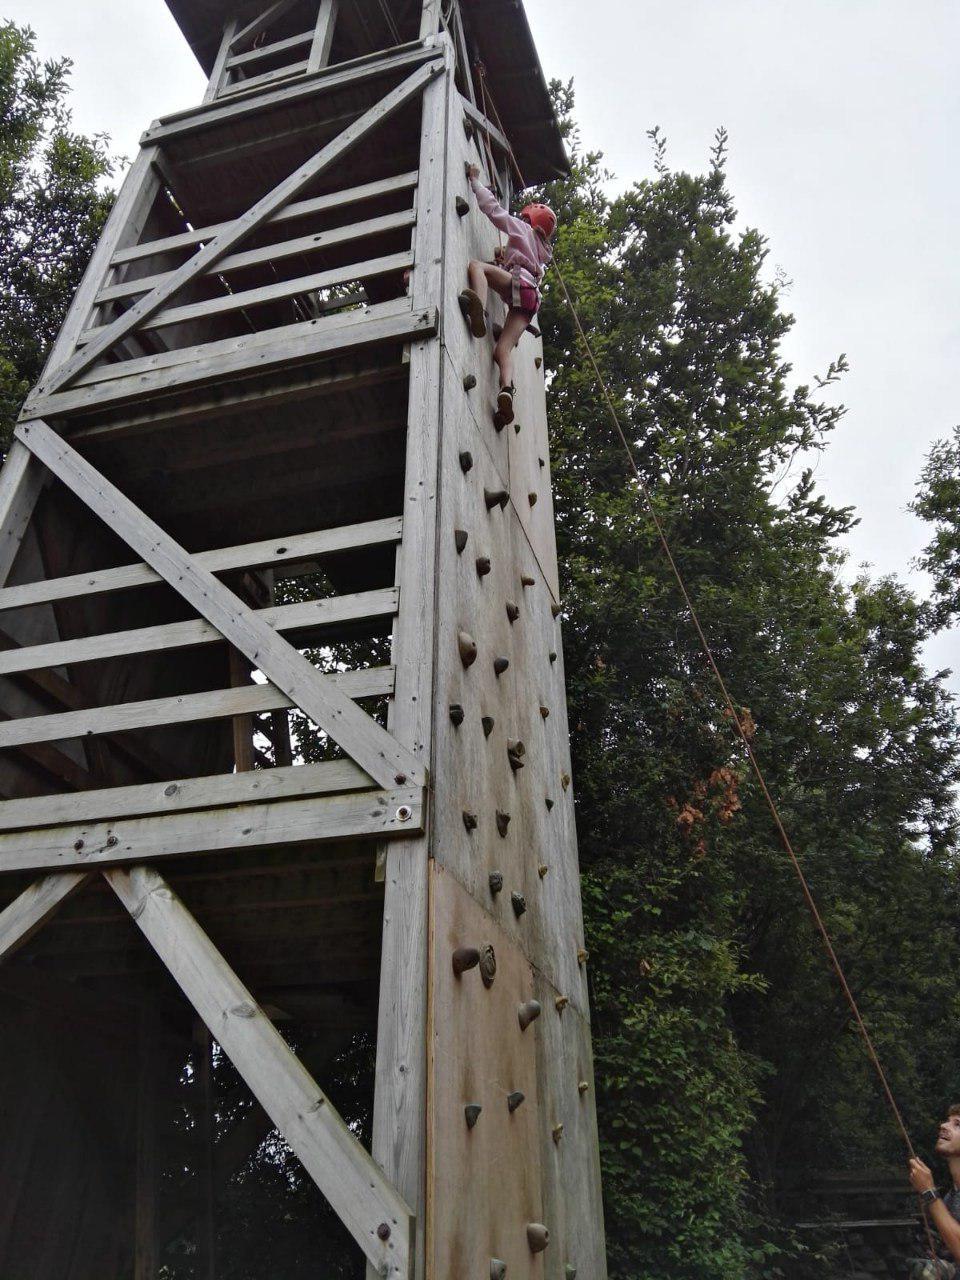 Niña subiendo el rocódromo durante la actividad multiaventura de escalada en el campamento de verano Emosie Camp Fest